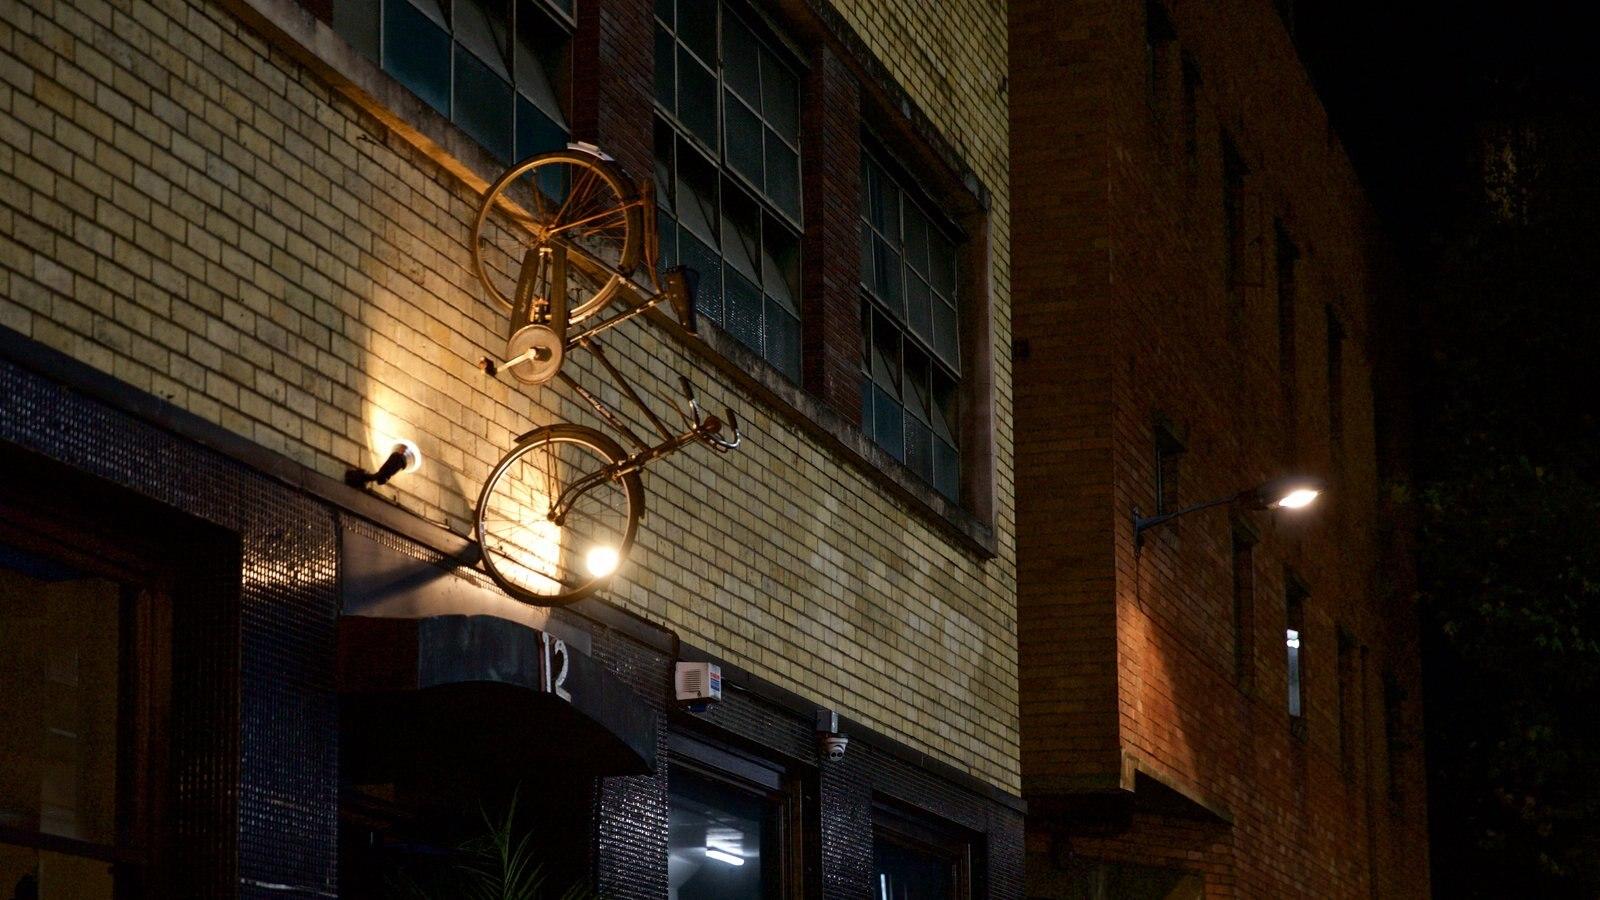 Docklands que incluye escenas nocturnas y arte al aire libre